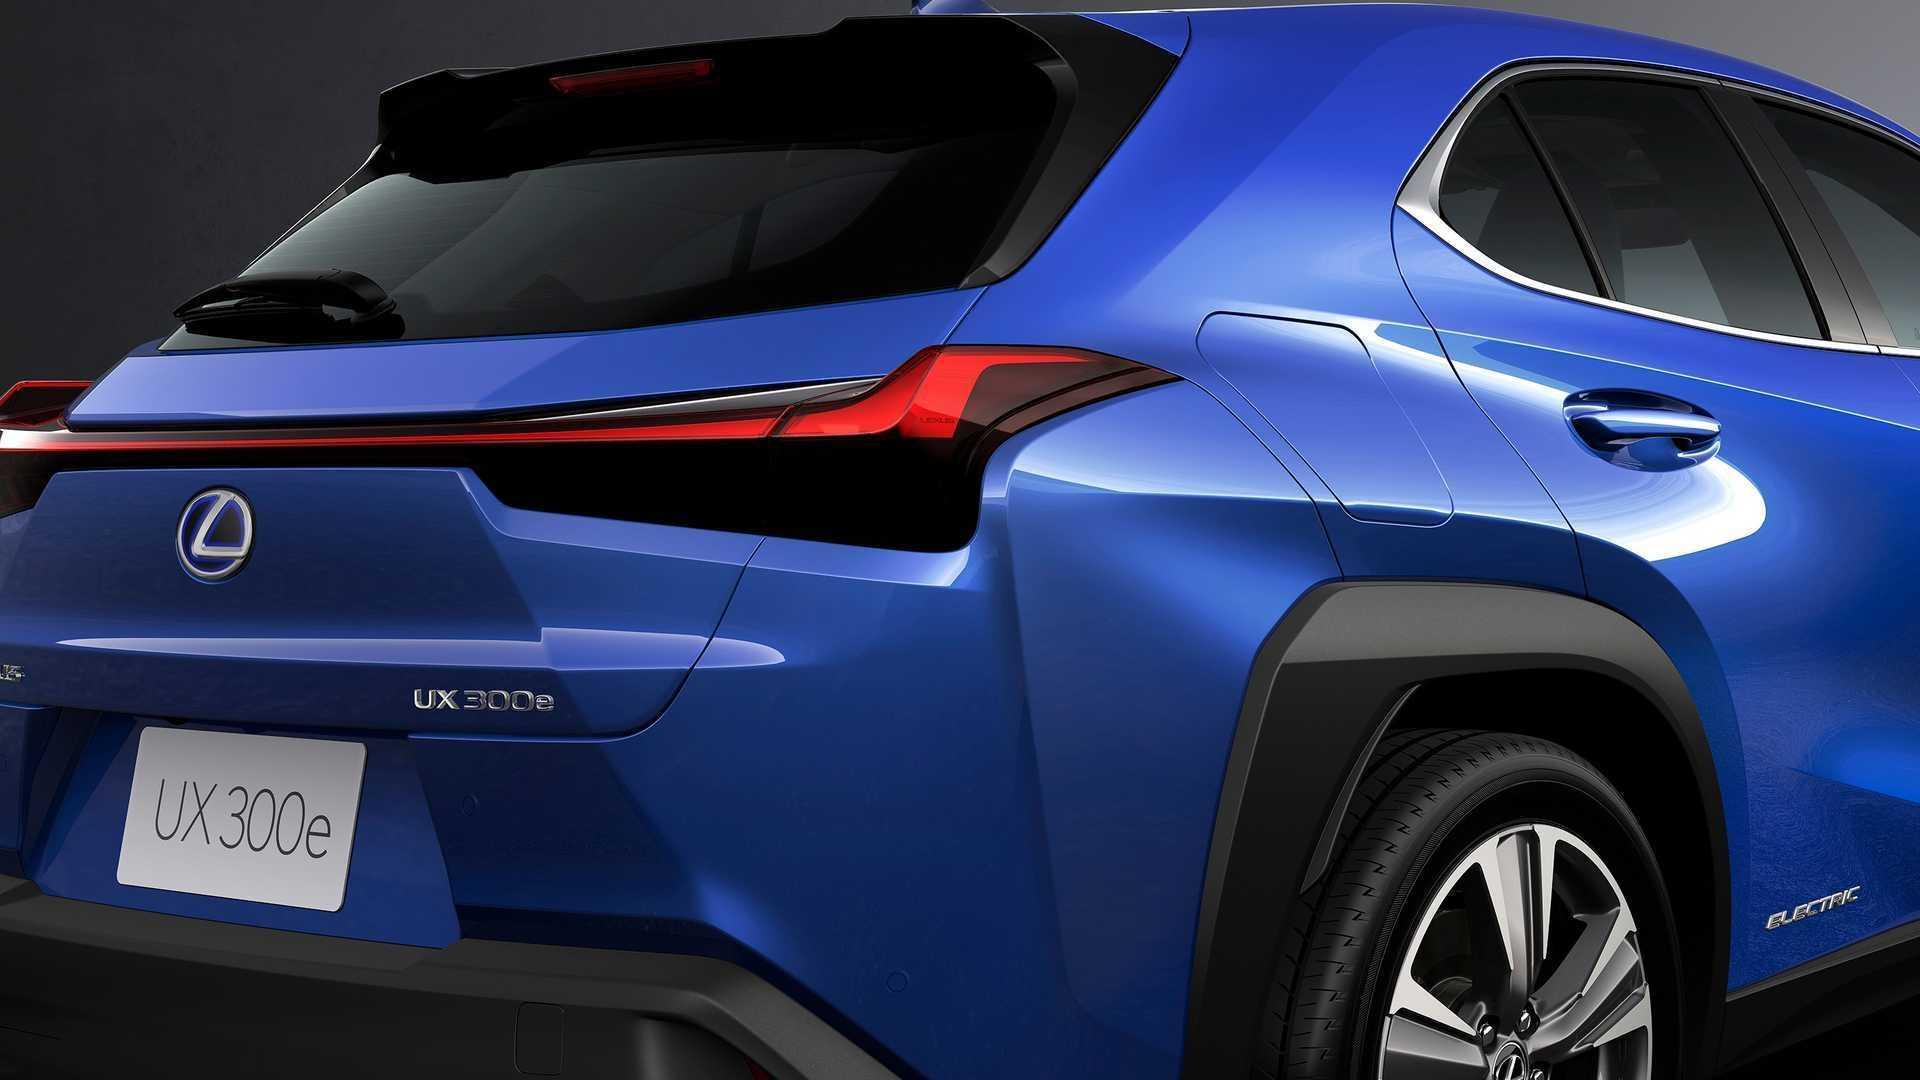 Японский Lexus готовится к выведению на Европейский рынок своего нового полностью электрического кроссовера UX300e